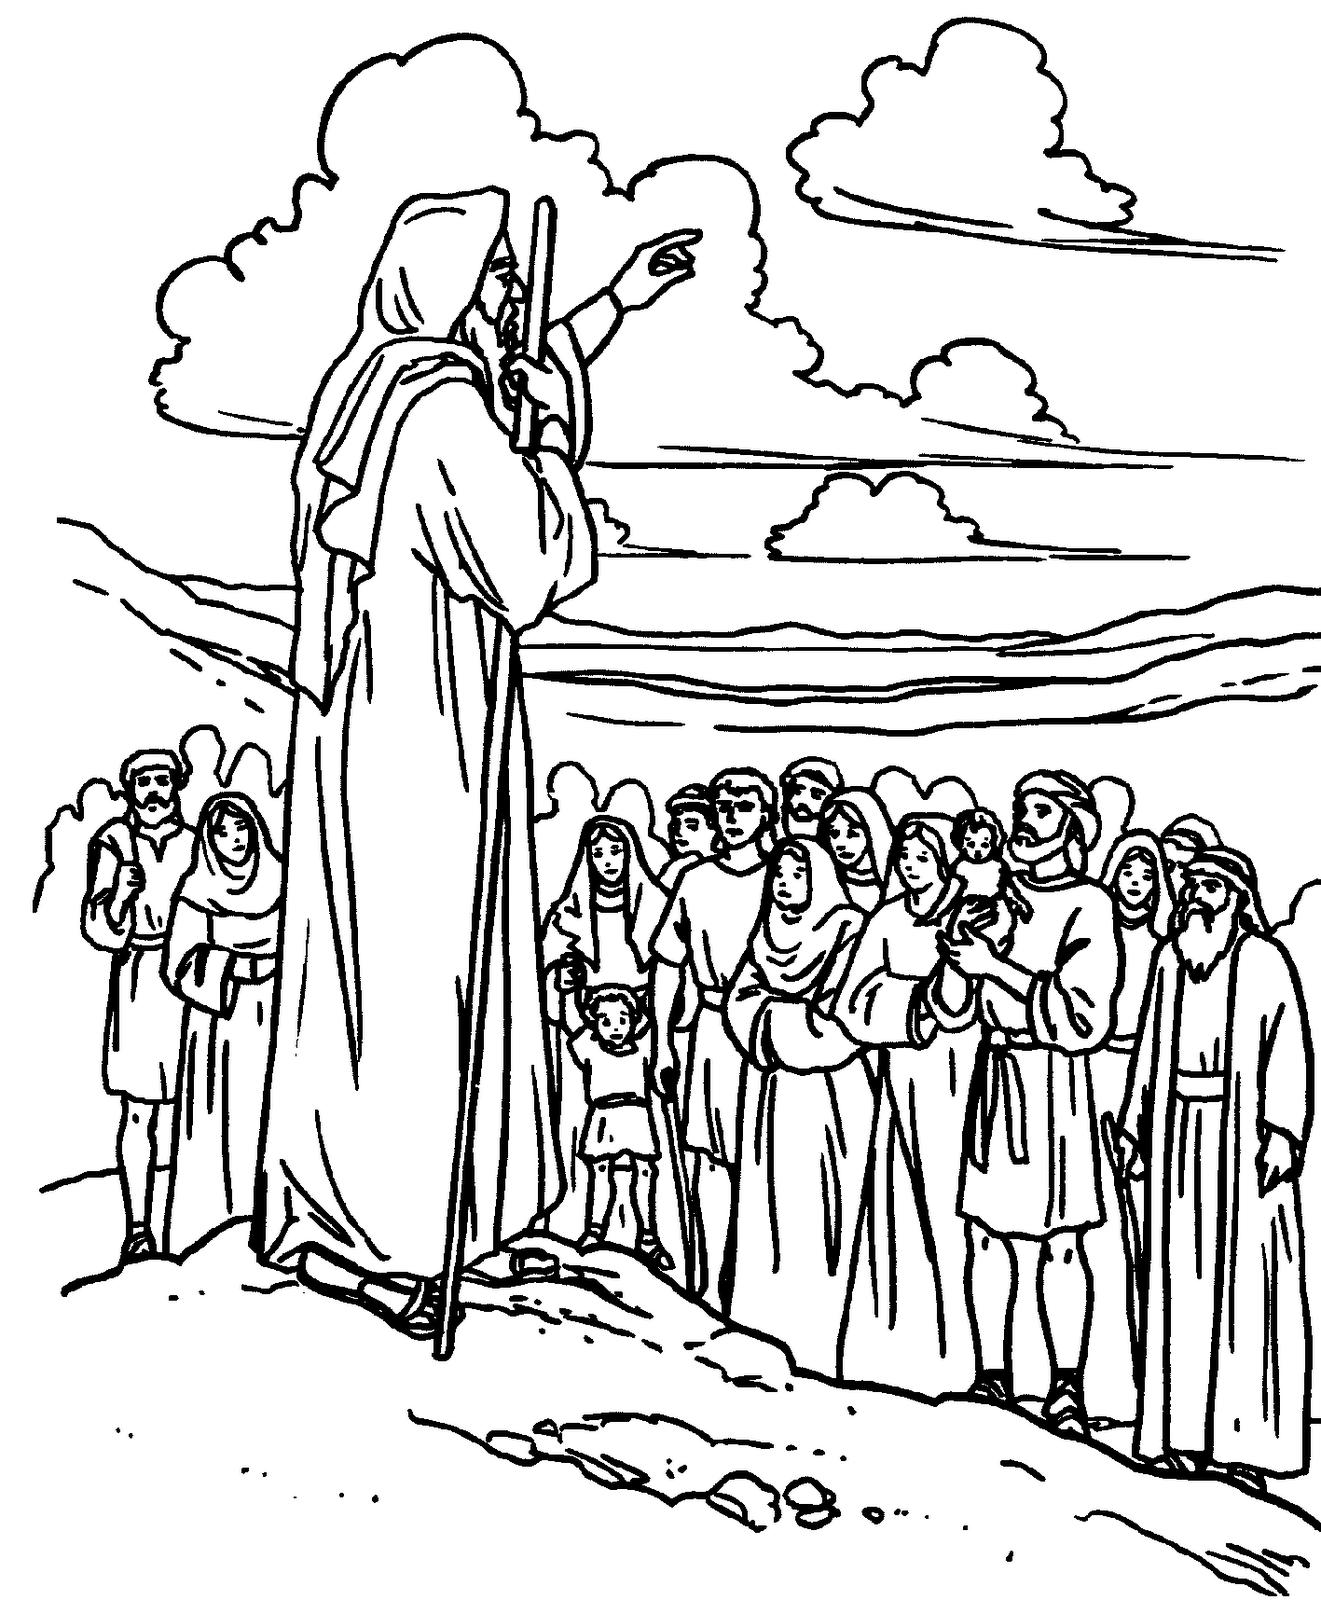 Imagenes para colorear Daniel en el pozo de los leones Jesús en el ...